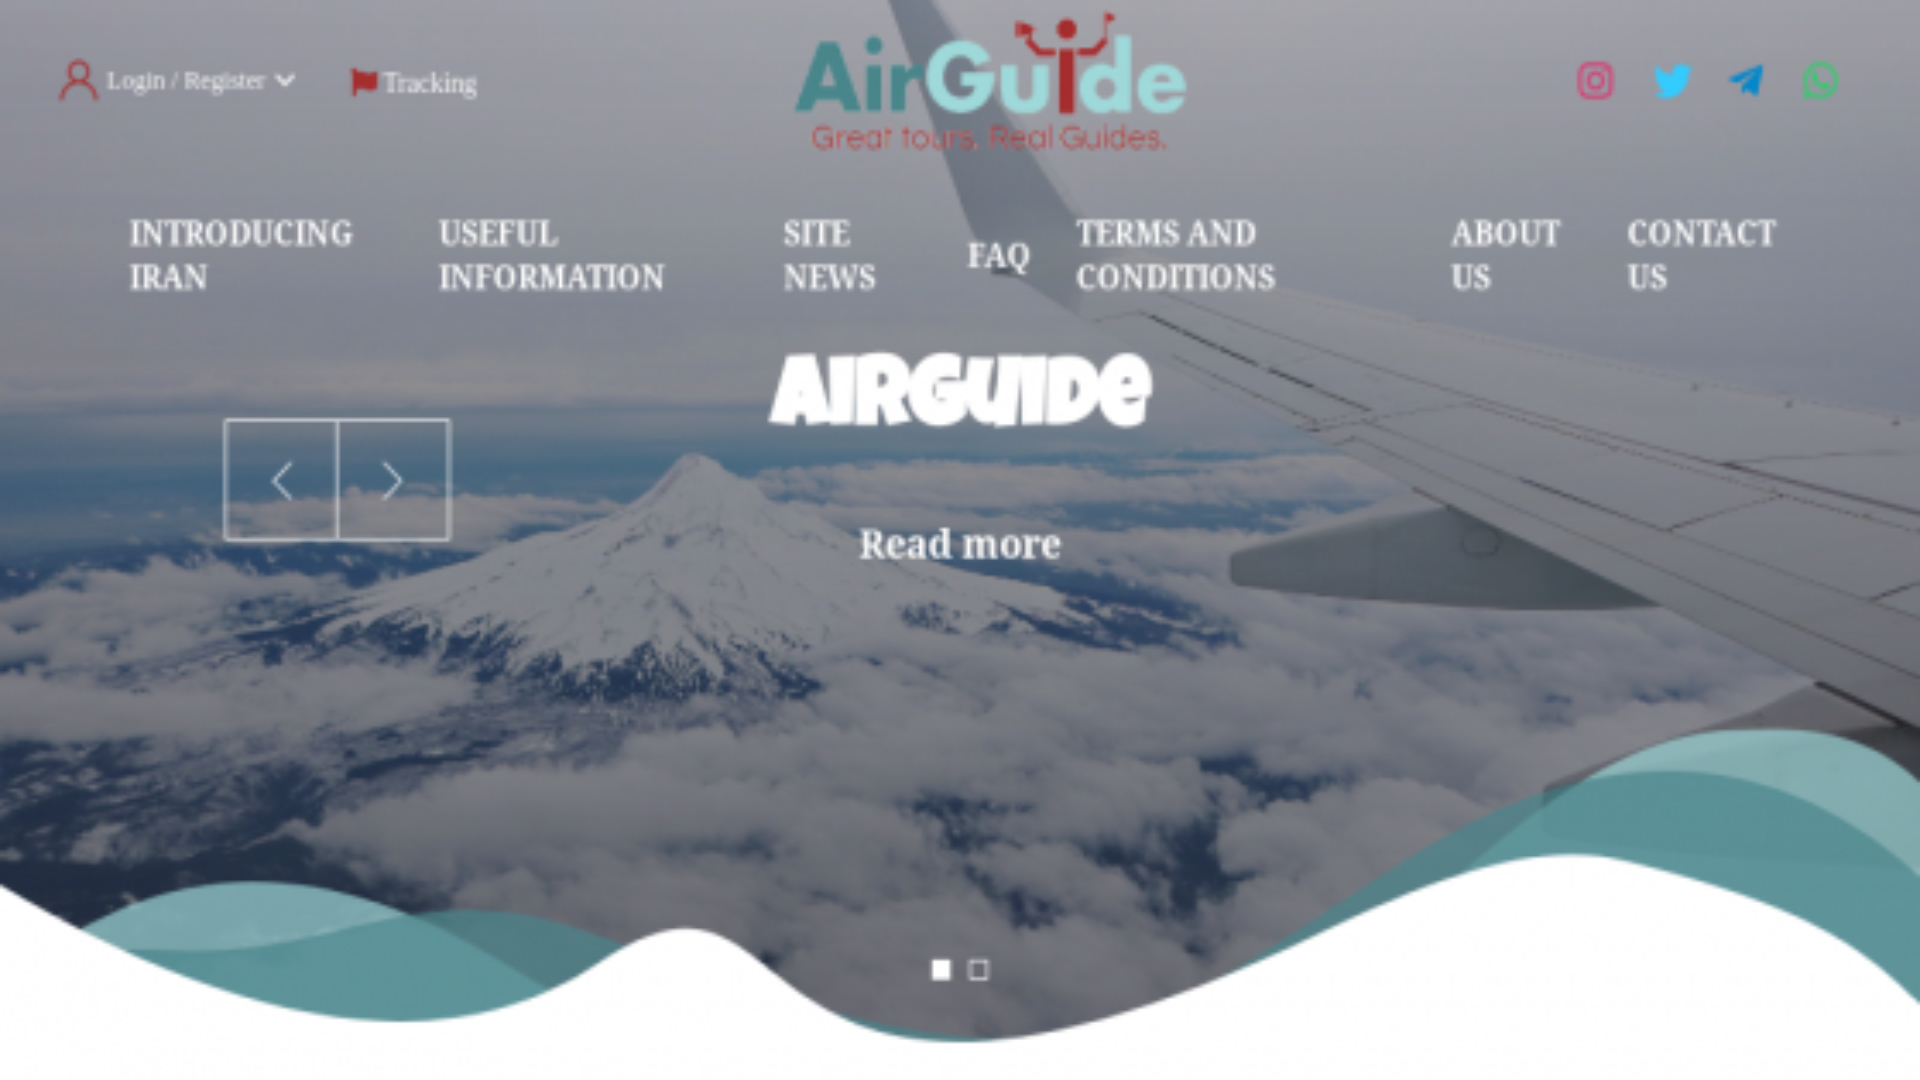 طراحی سايت شرکت air giude